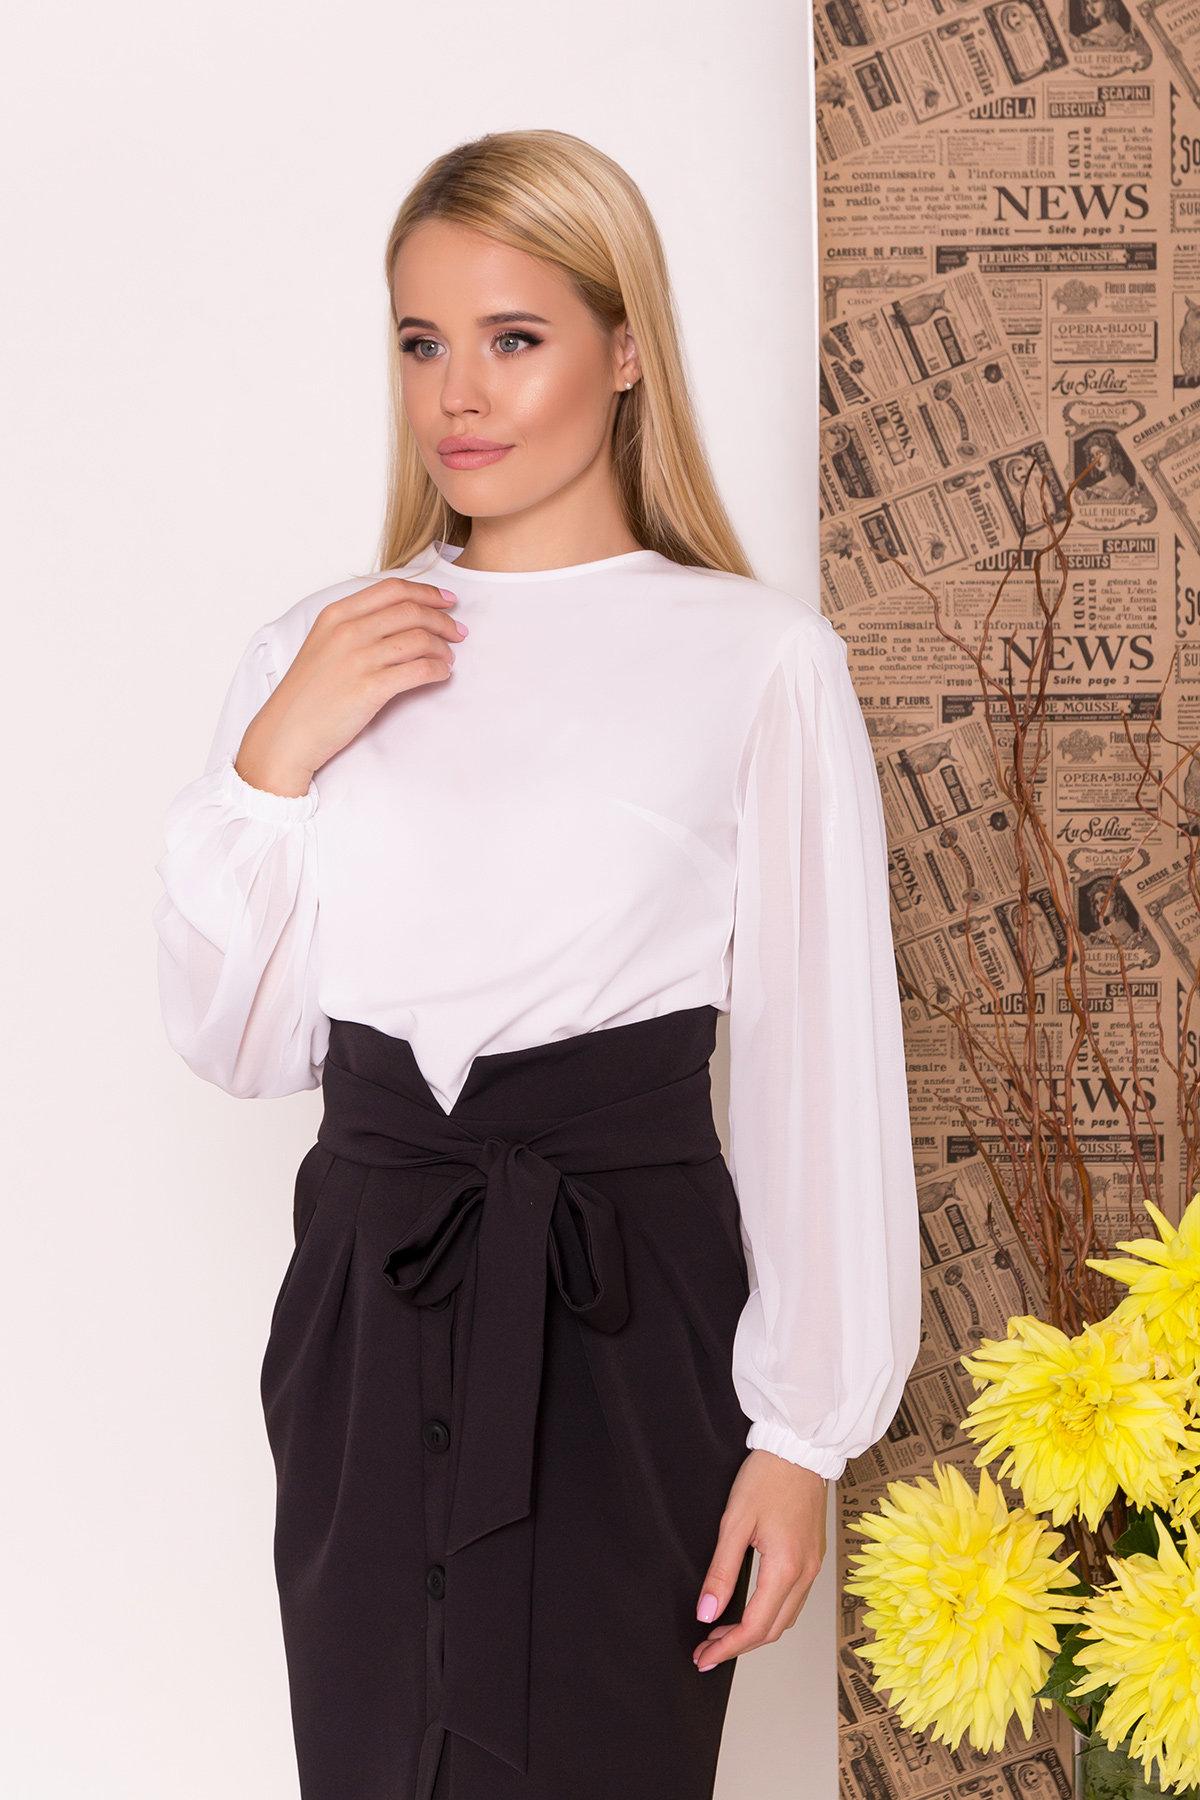 Блуза Сейшил 7746 АРТ. 43641 Цвет: Белый - фото 4, интернет магазин tm-modus.ru